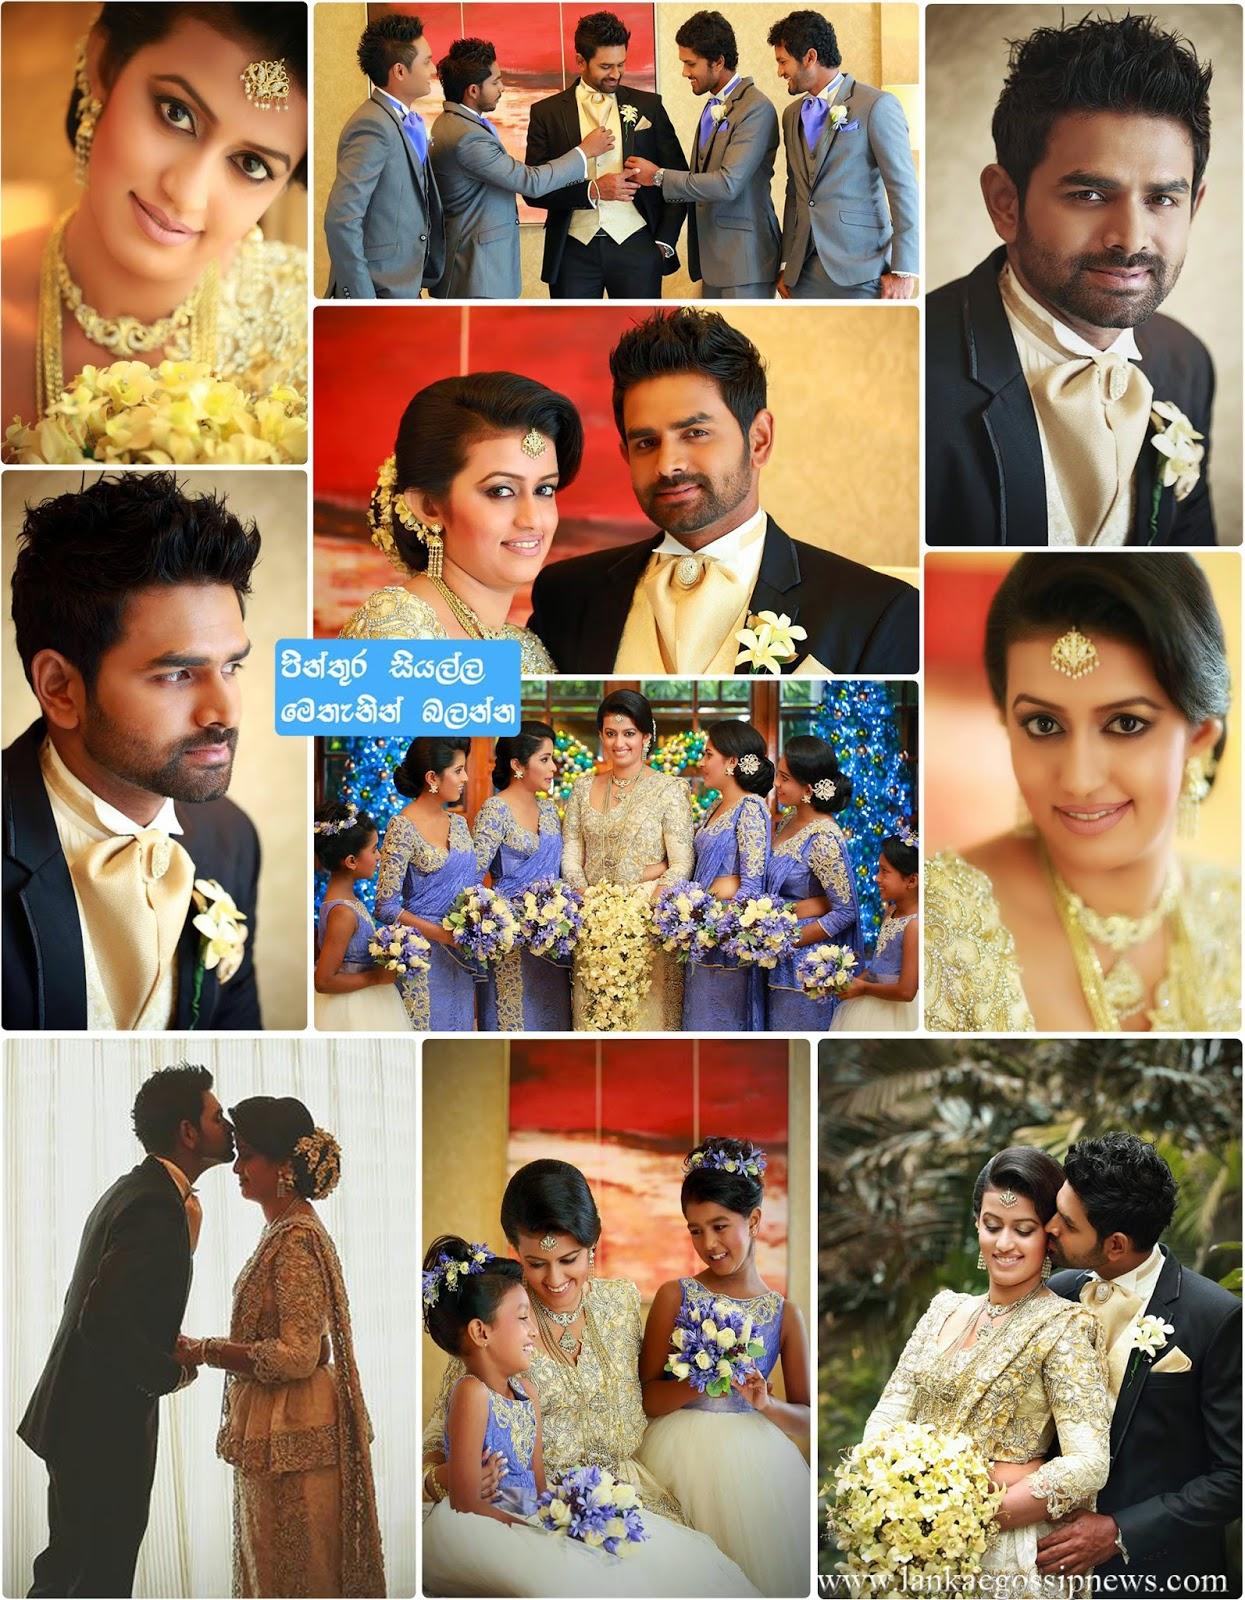 http://gallery.egossip.lk/2014/12/lahiru-thirimannes-wedding.html